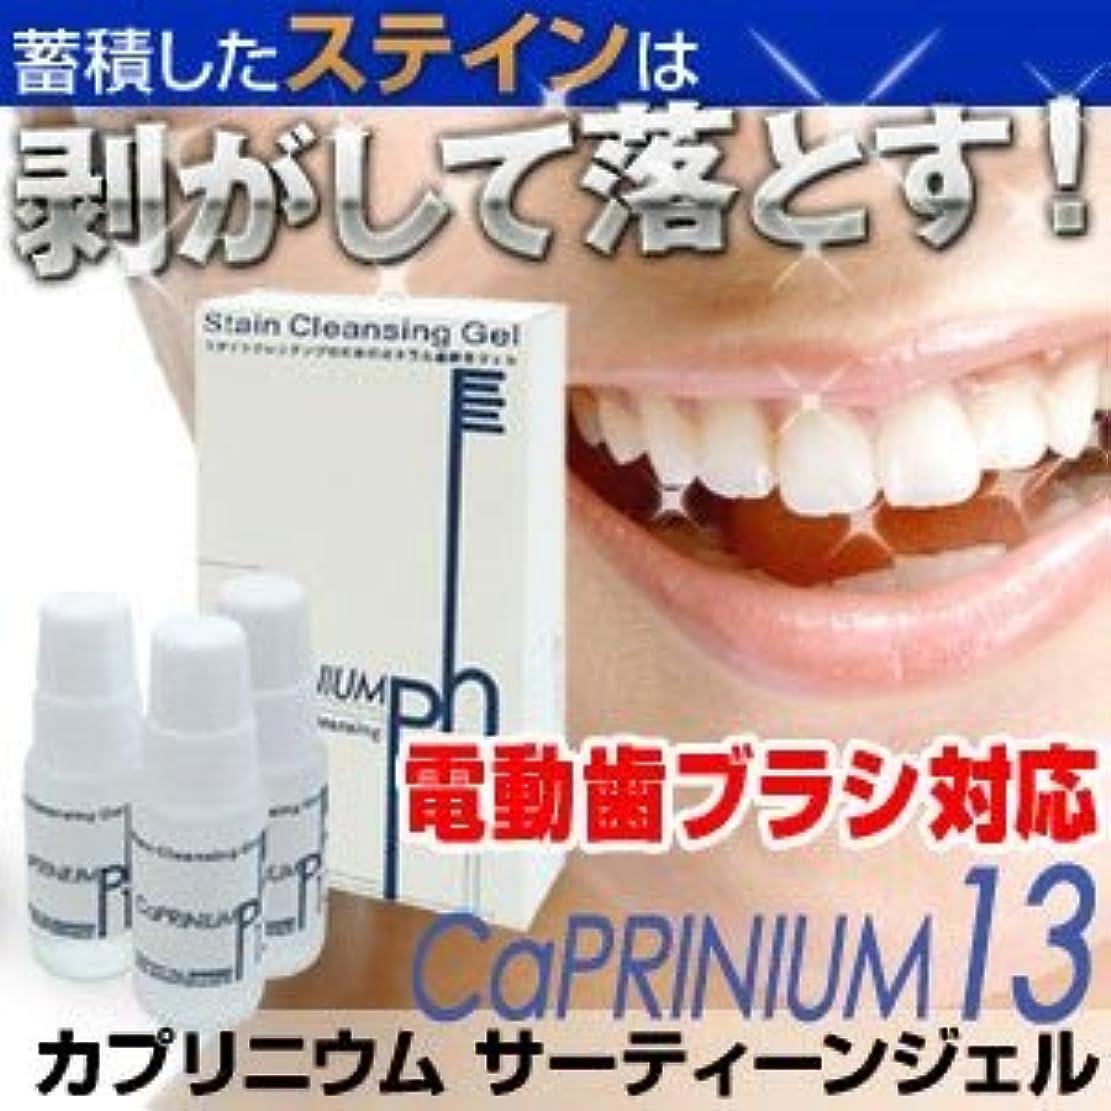 アマチュア九主婦カプリニウム サーティーンジェル(CaPRINIUM 13) 新発想のホワイトニング歯磨きジェル